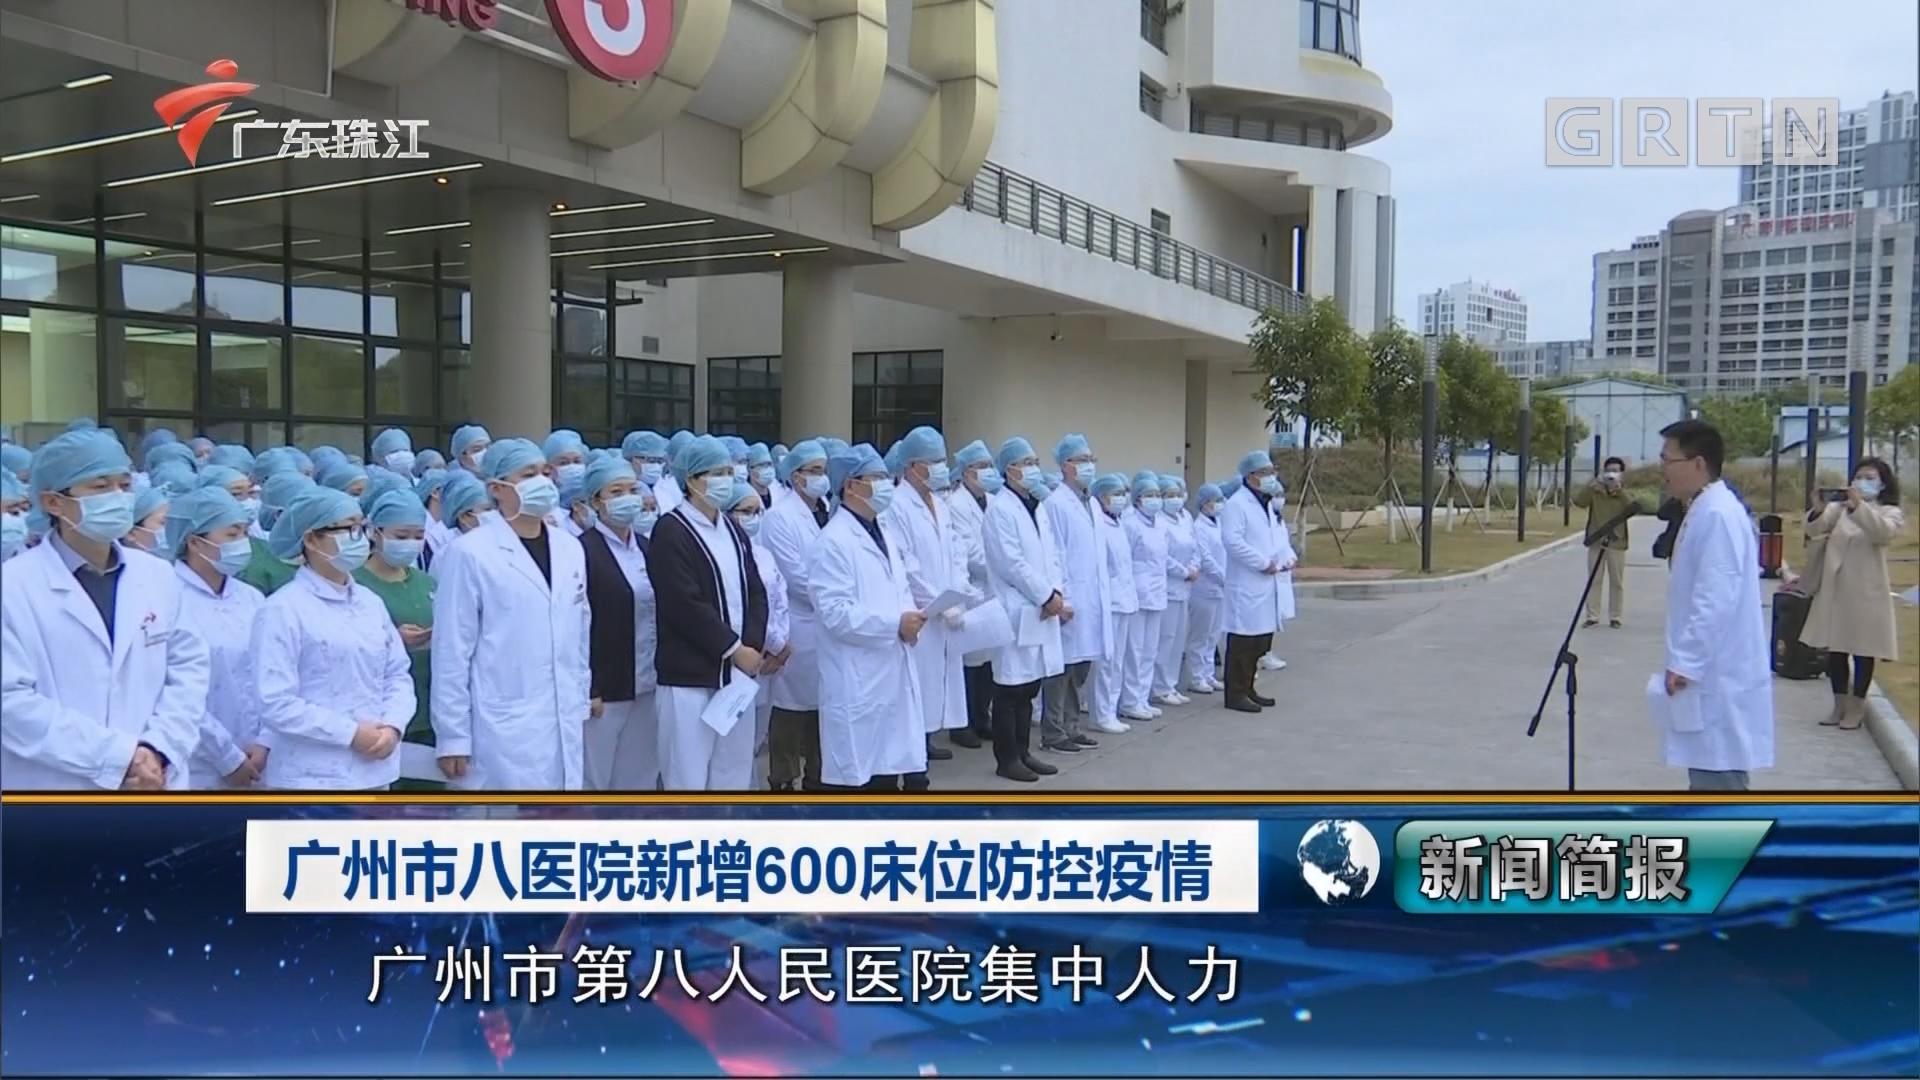 广州市八医院新增600床位防控疫情